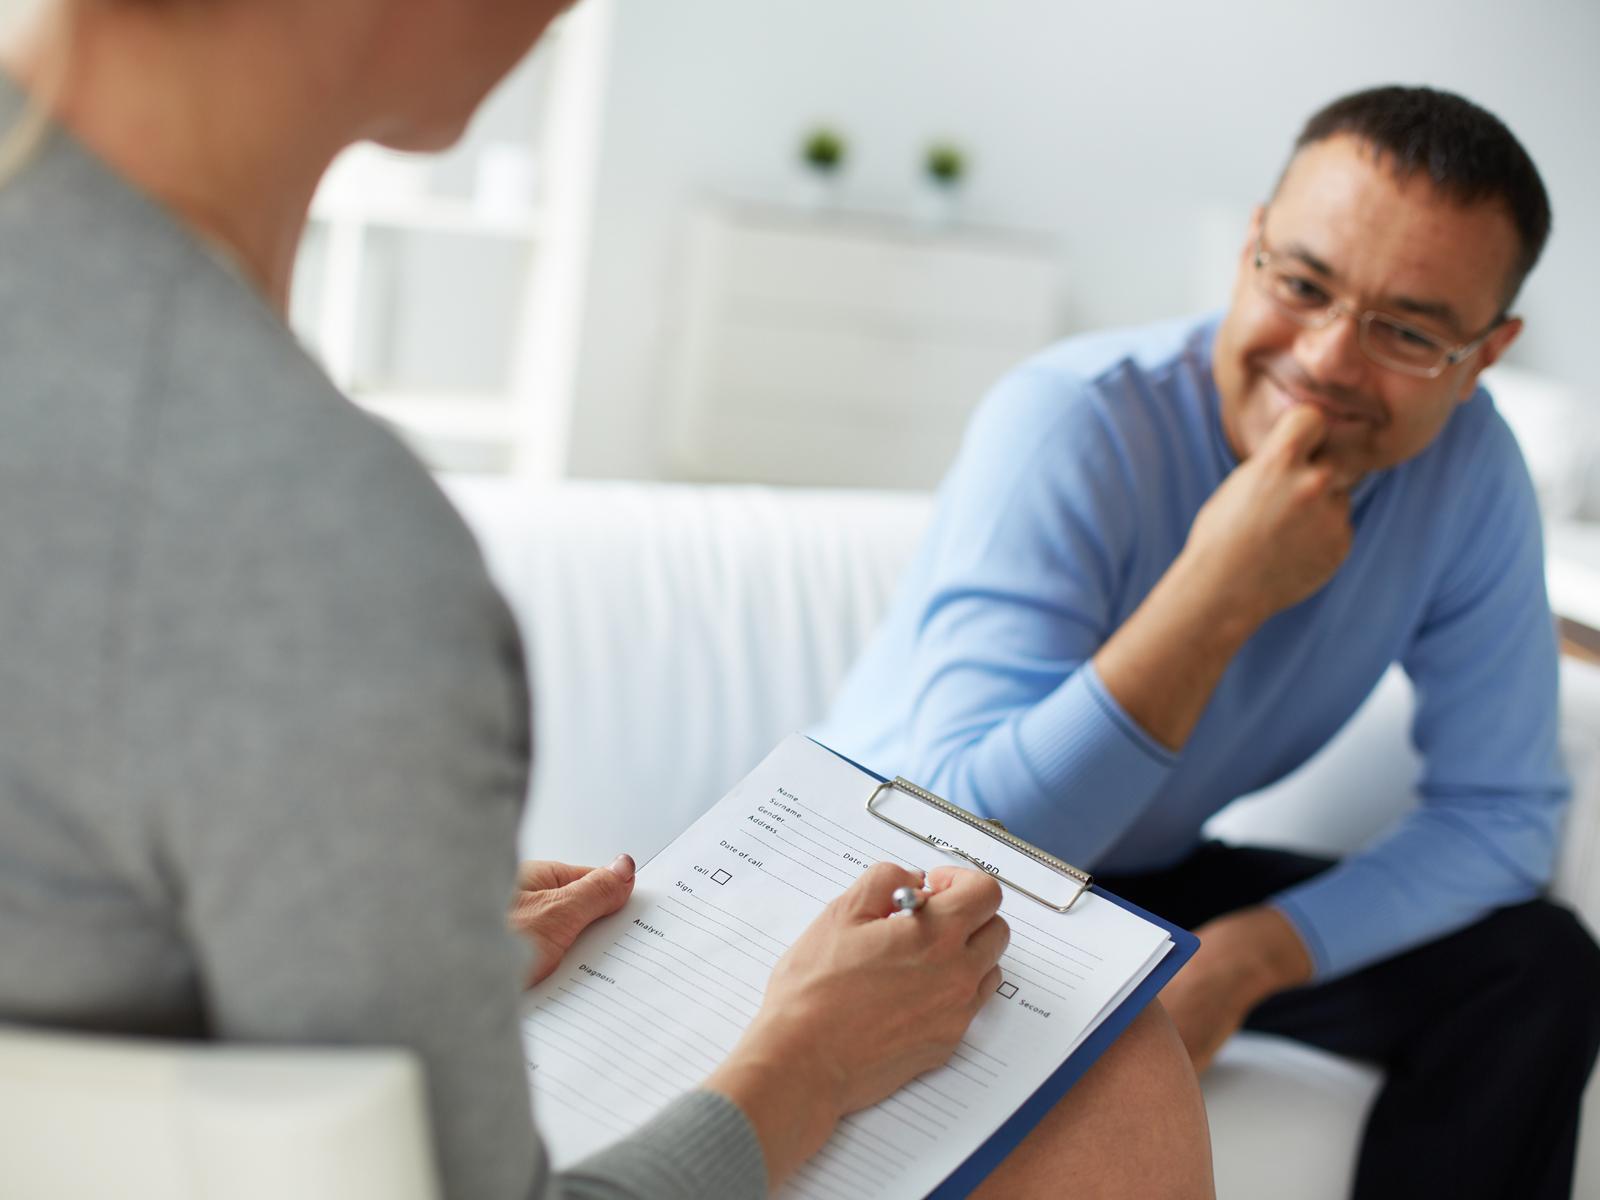 Como tornar a terapia um tratamento eficaz